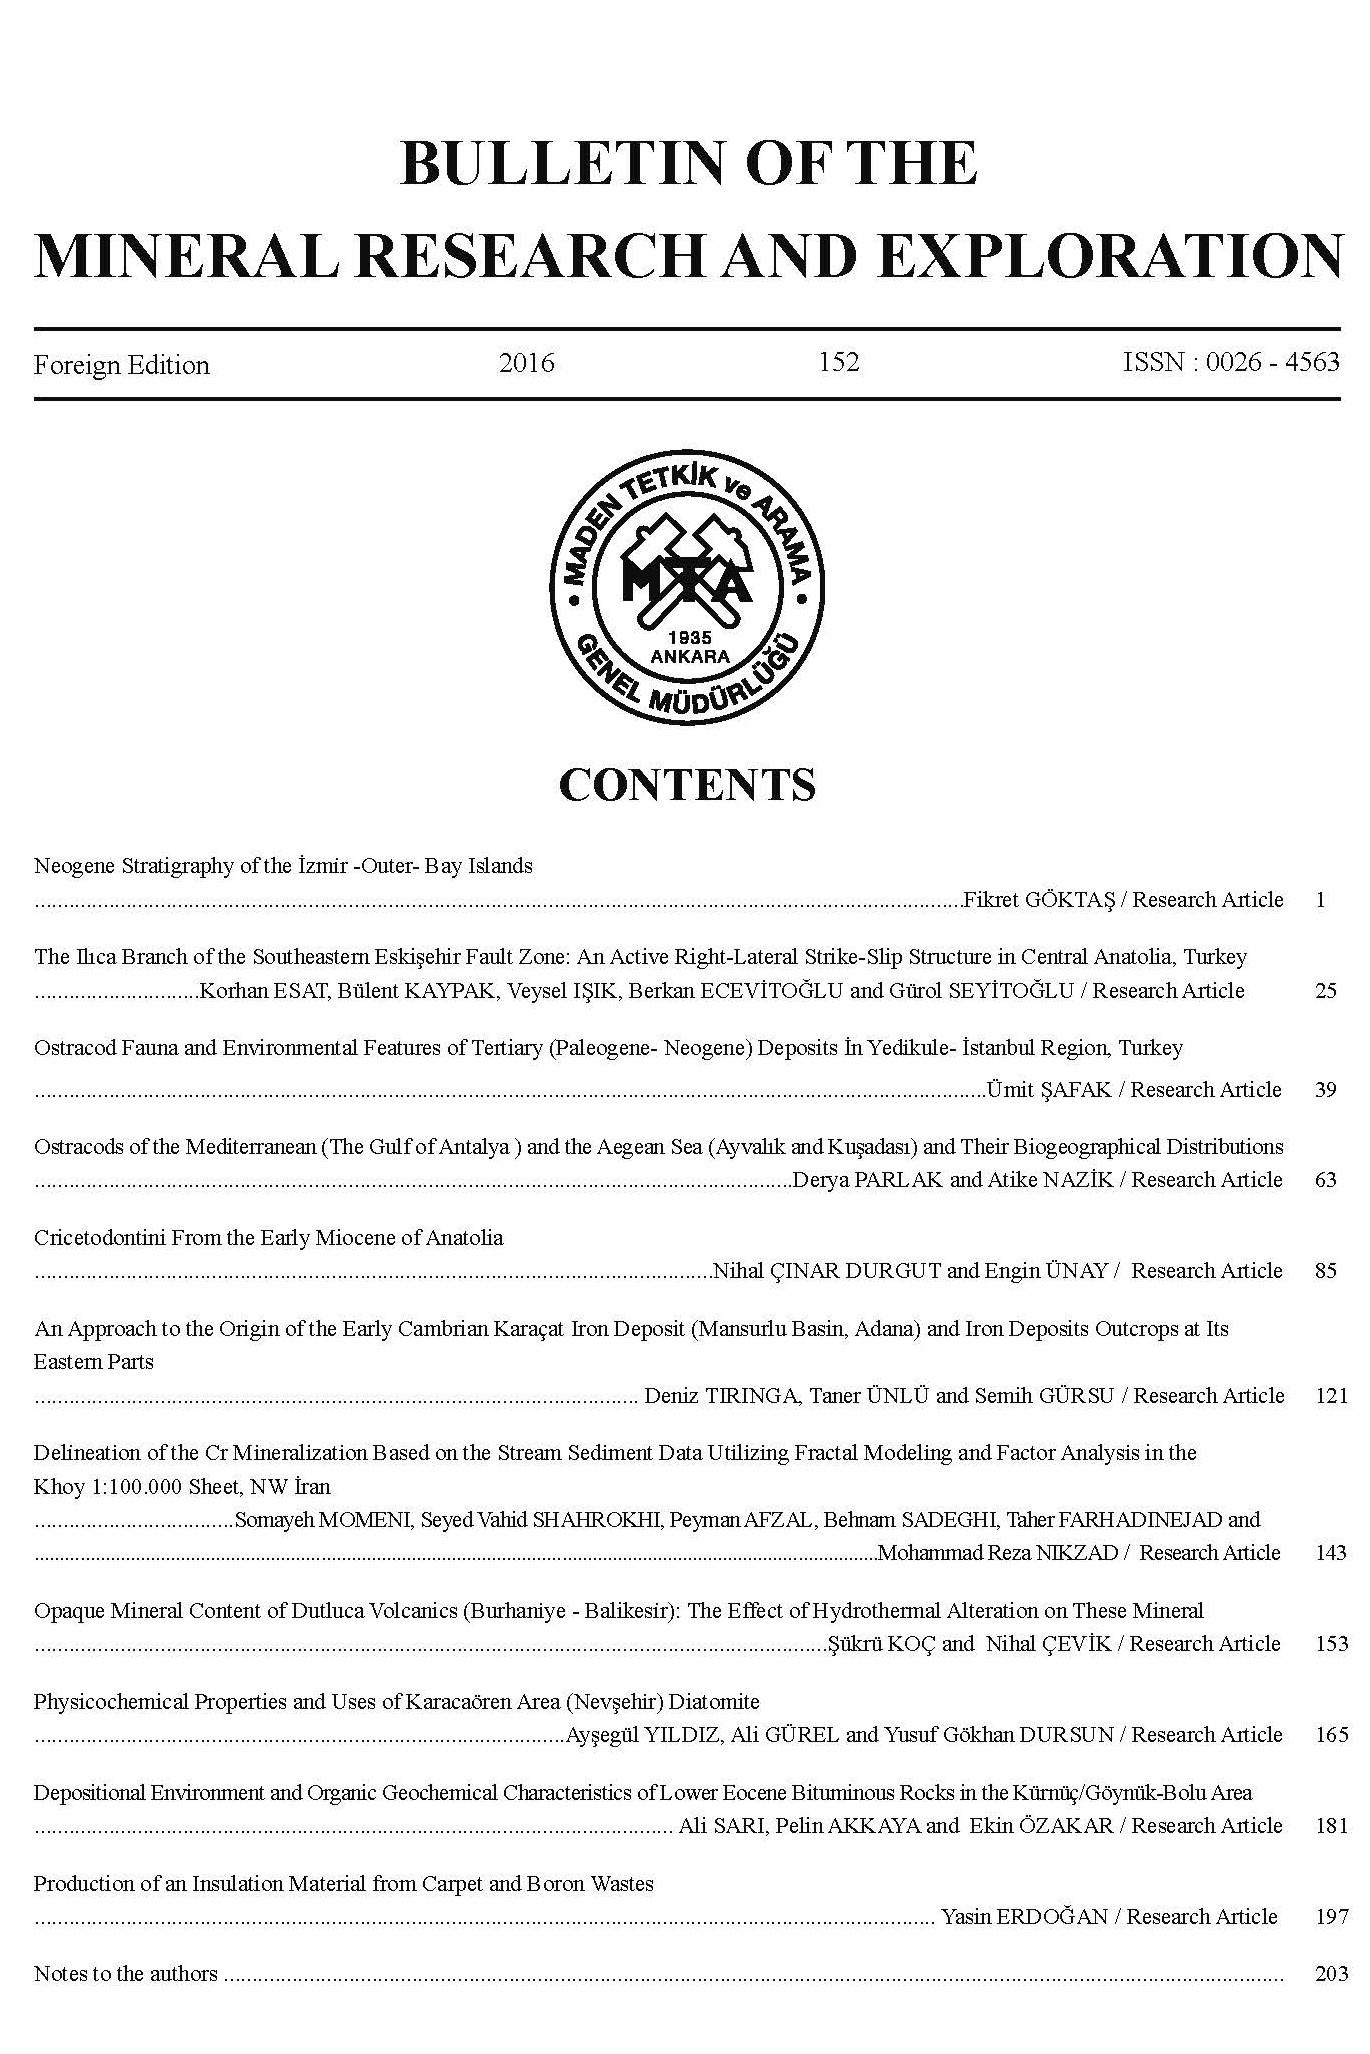 Maden Tetkik ve Arama Dergisi